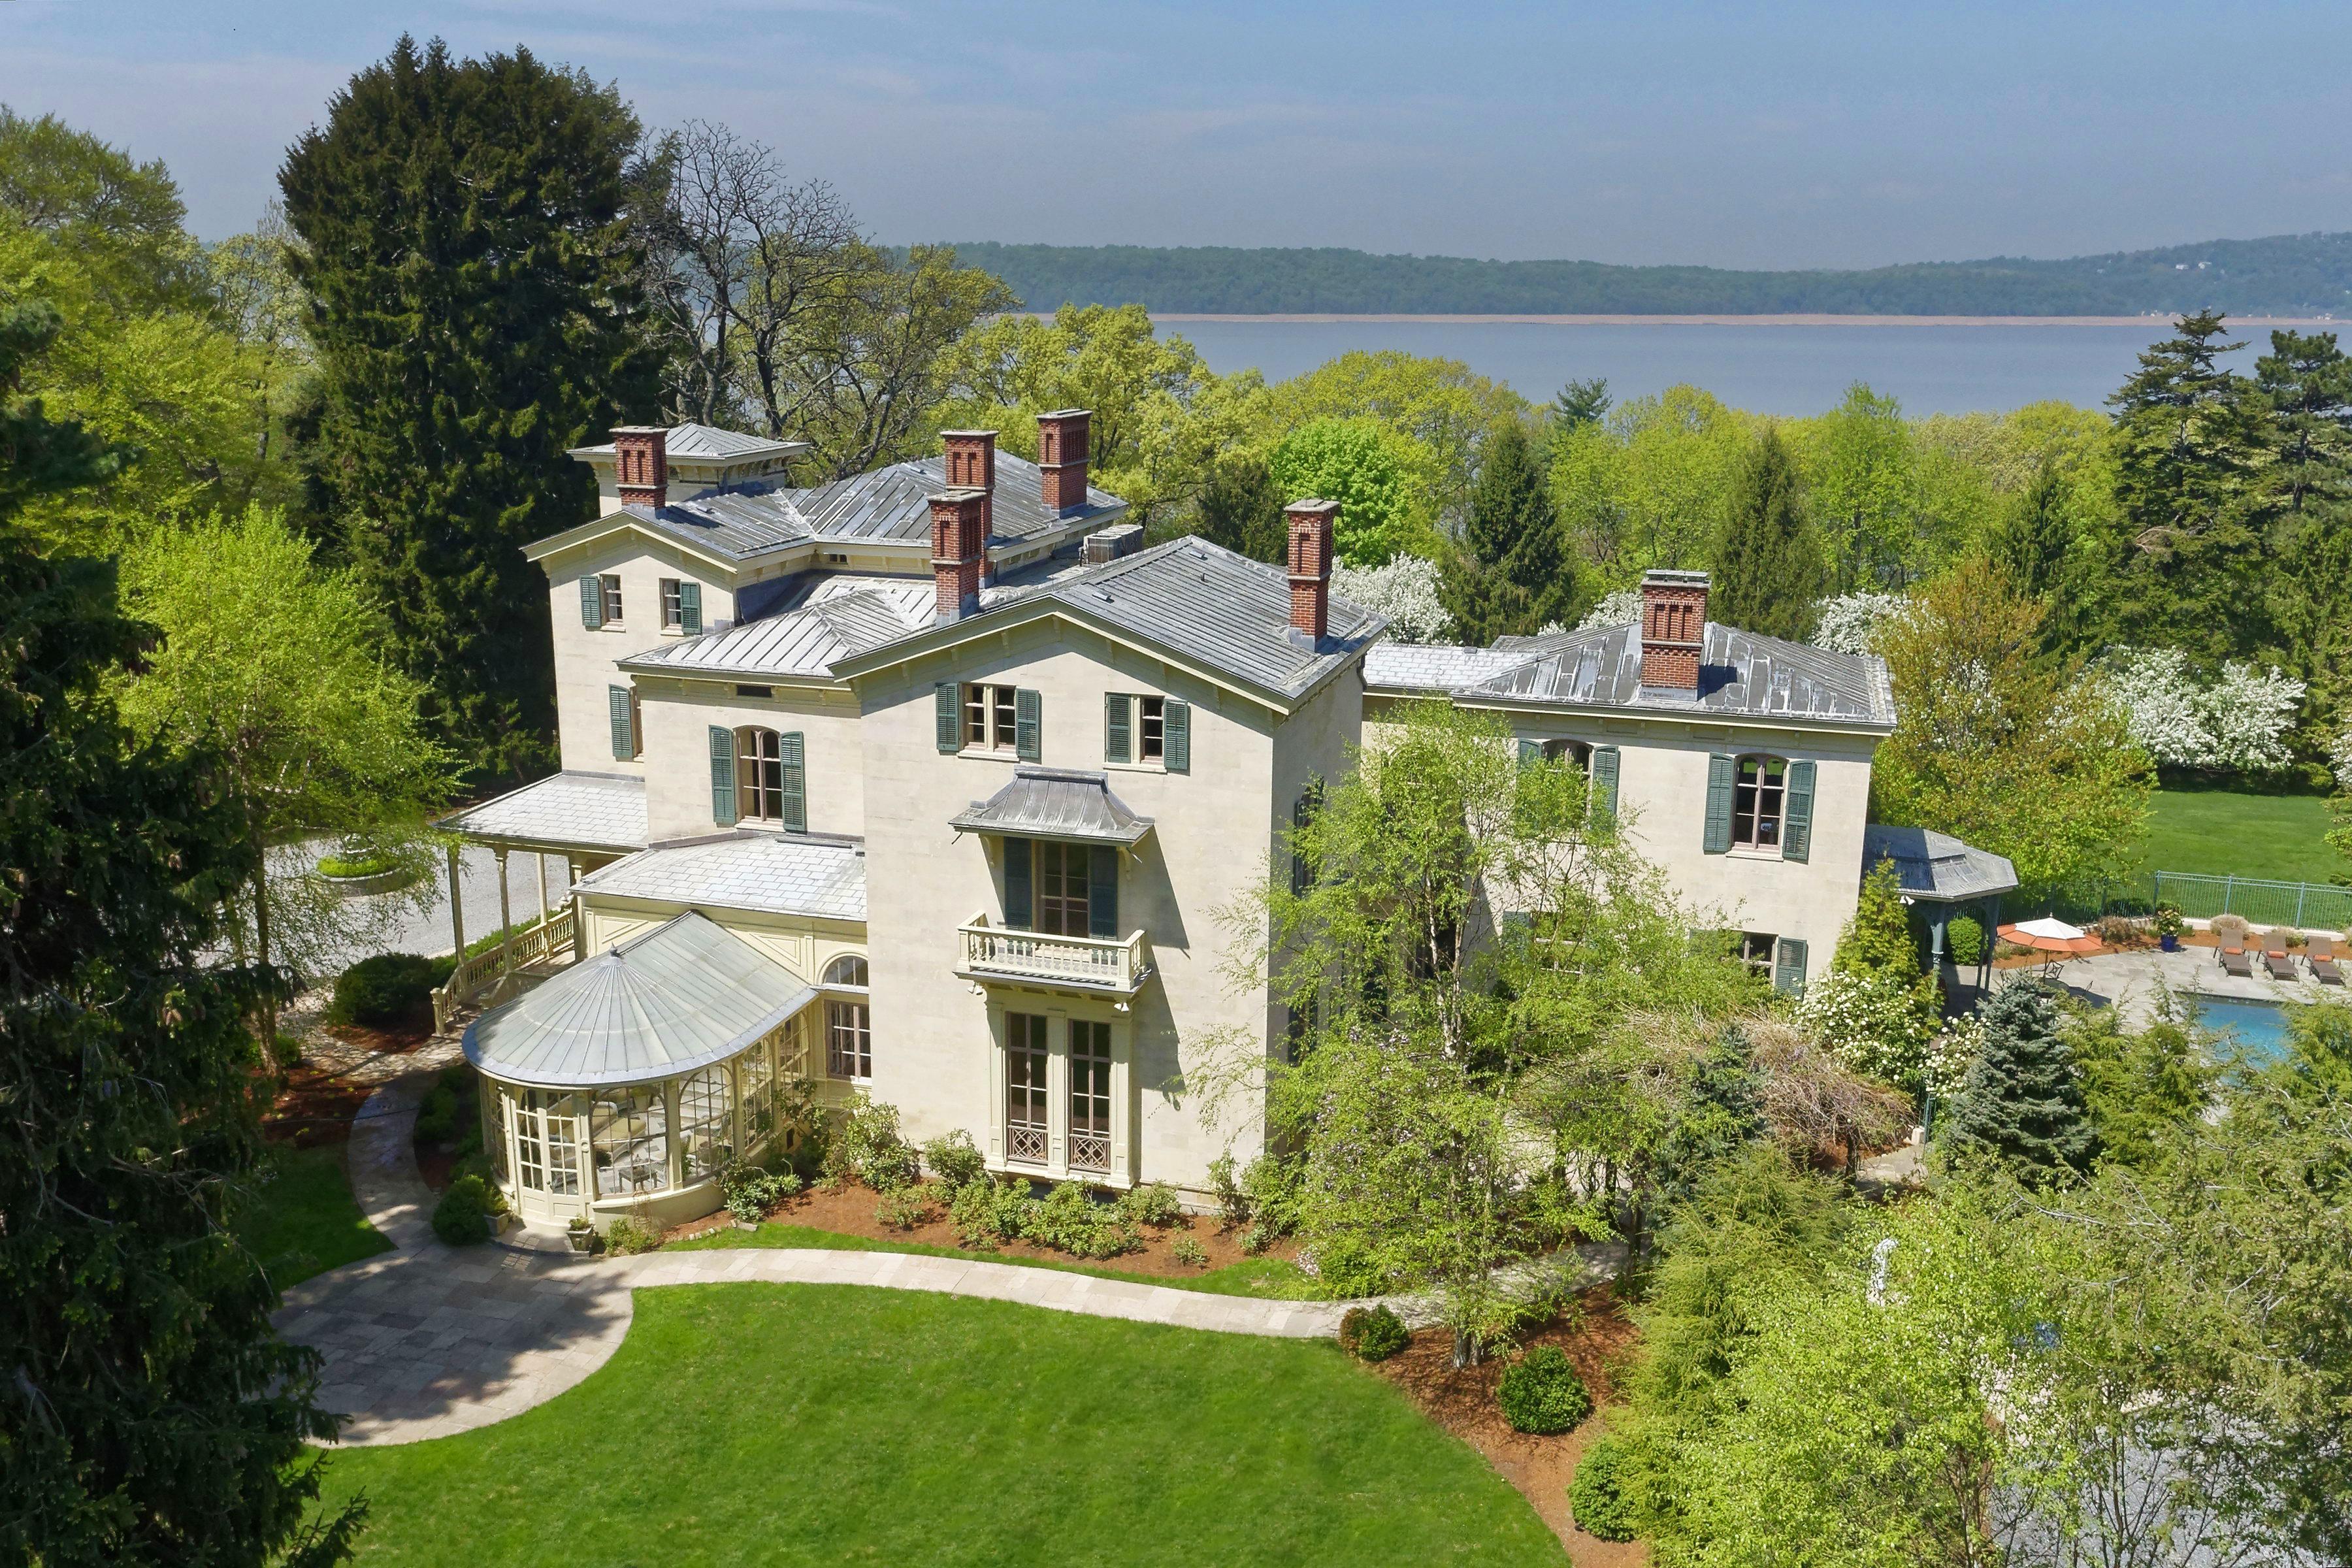 Частный односемейный дом для того Аренда на Hampton Alternative 2 Clifton Place Irvington, Нью-Йорк 10533 Соединенные Штаты